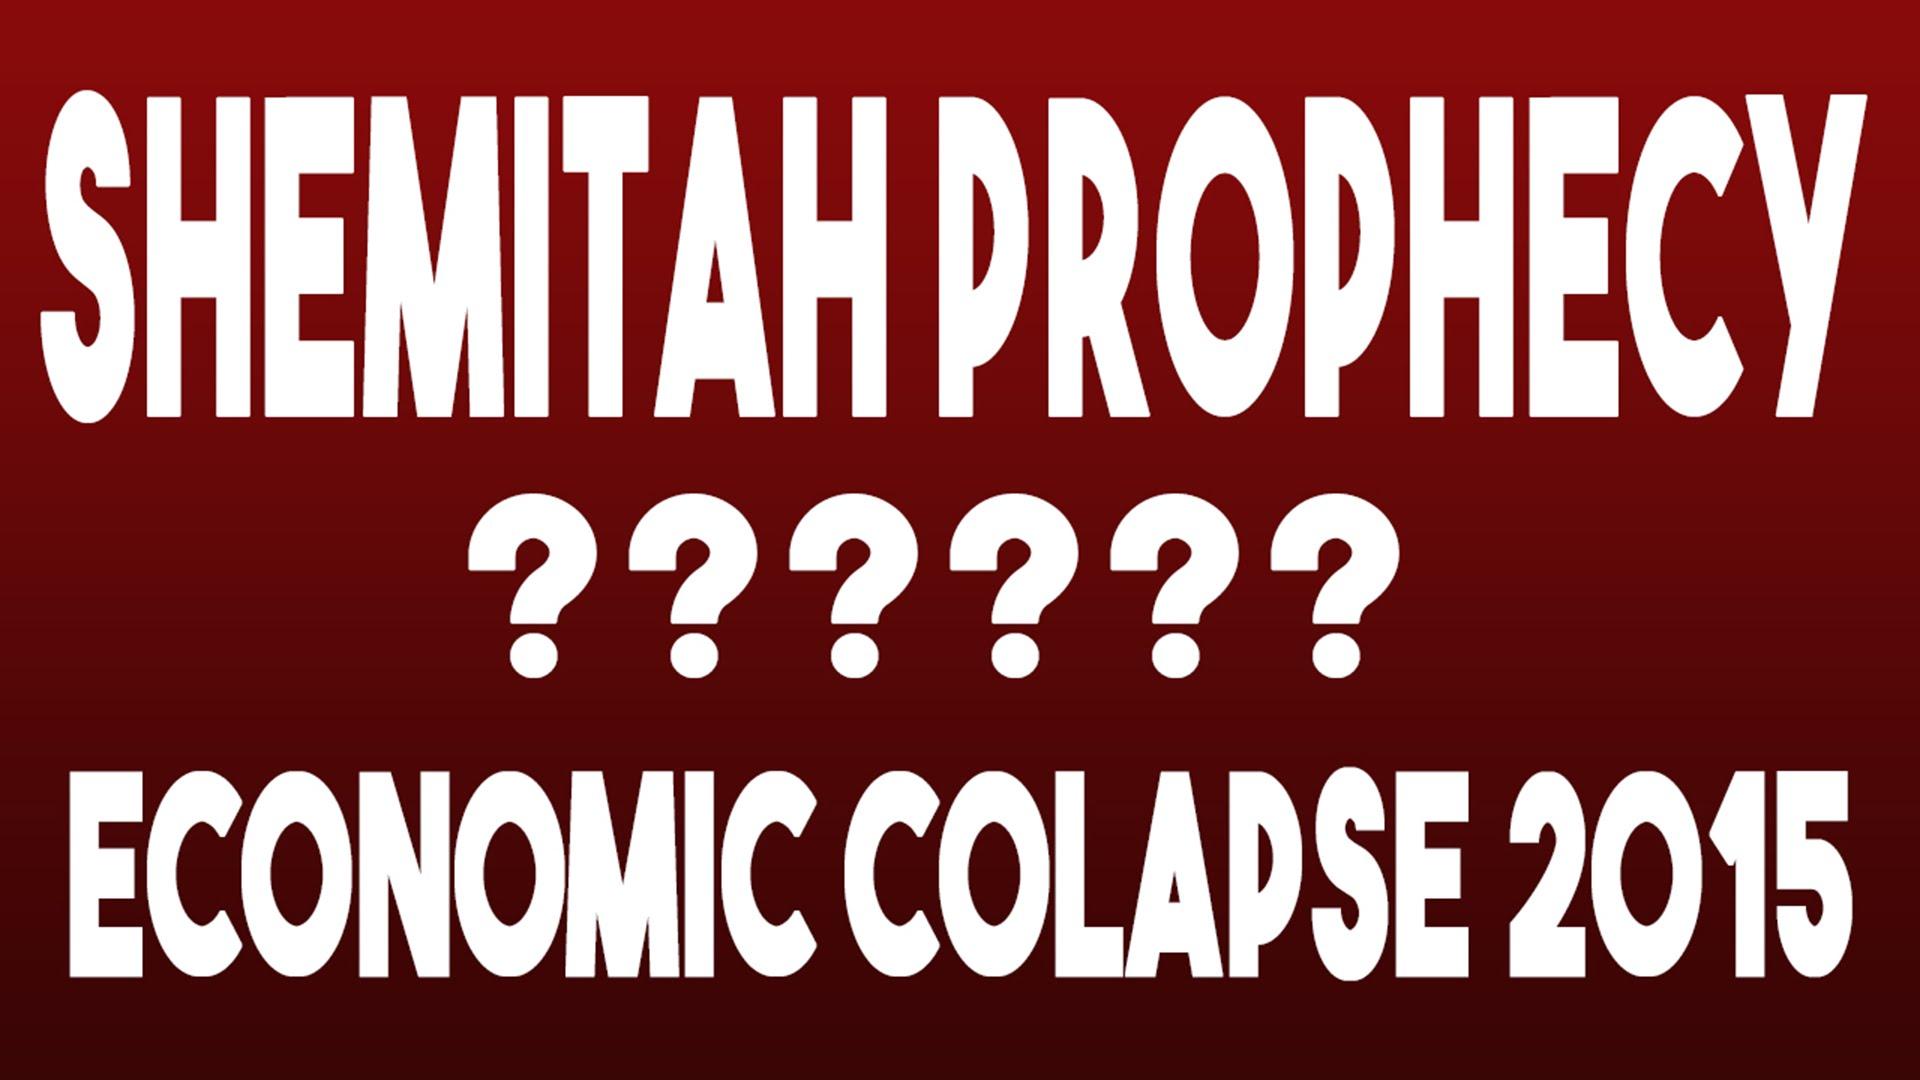 shemitah-prophecy